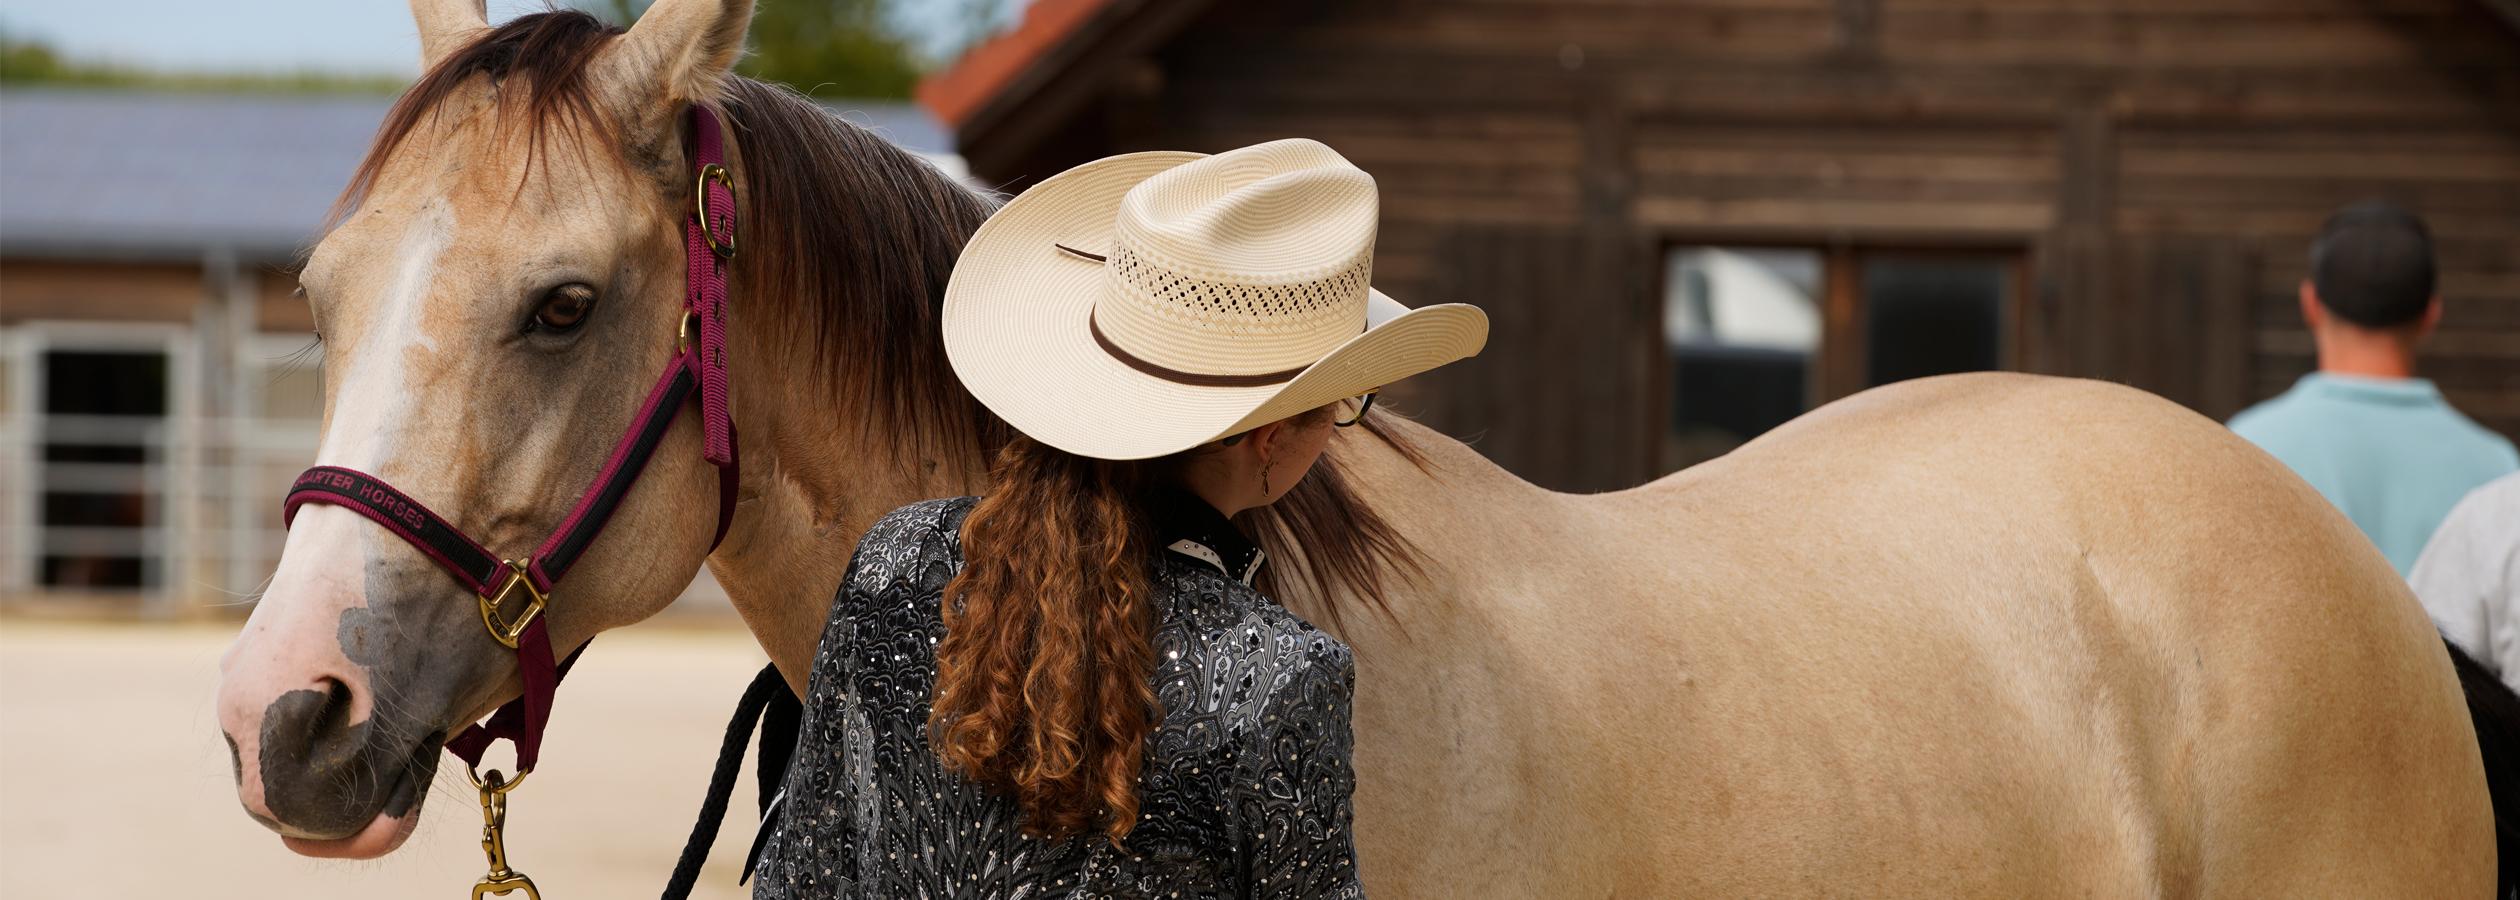 Header_HorseAcademy_Anlage-19